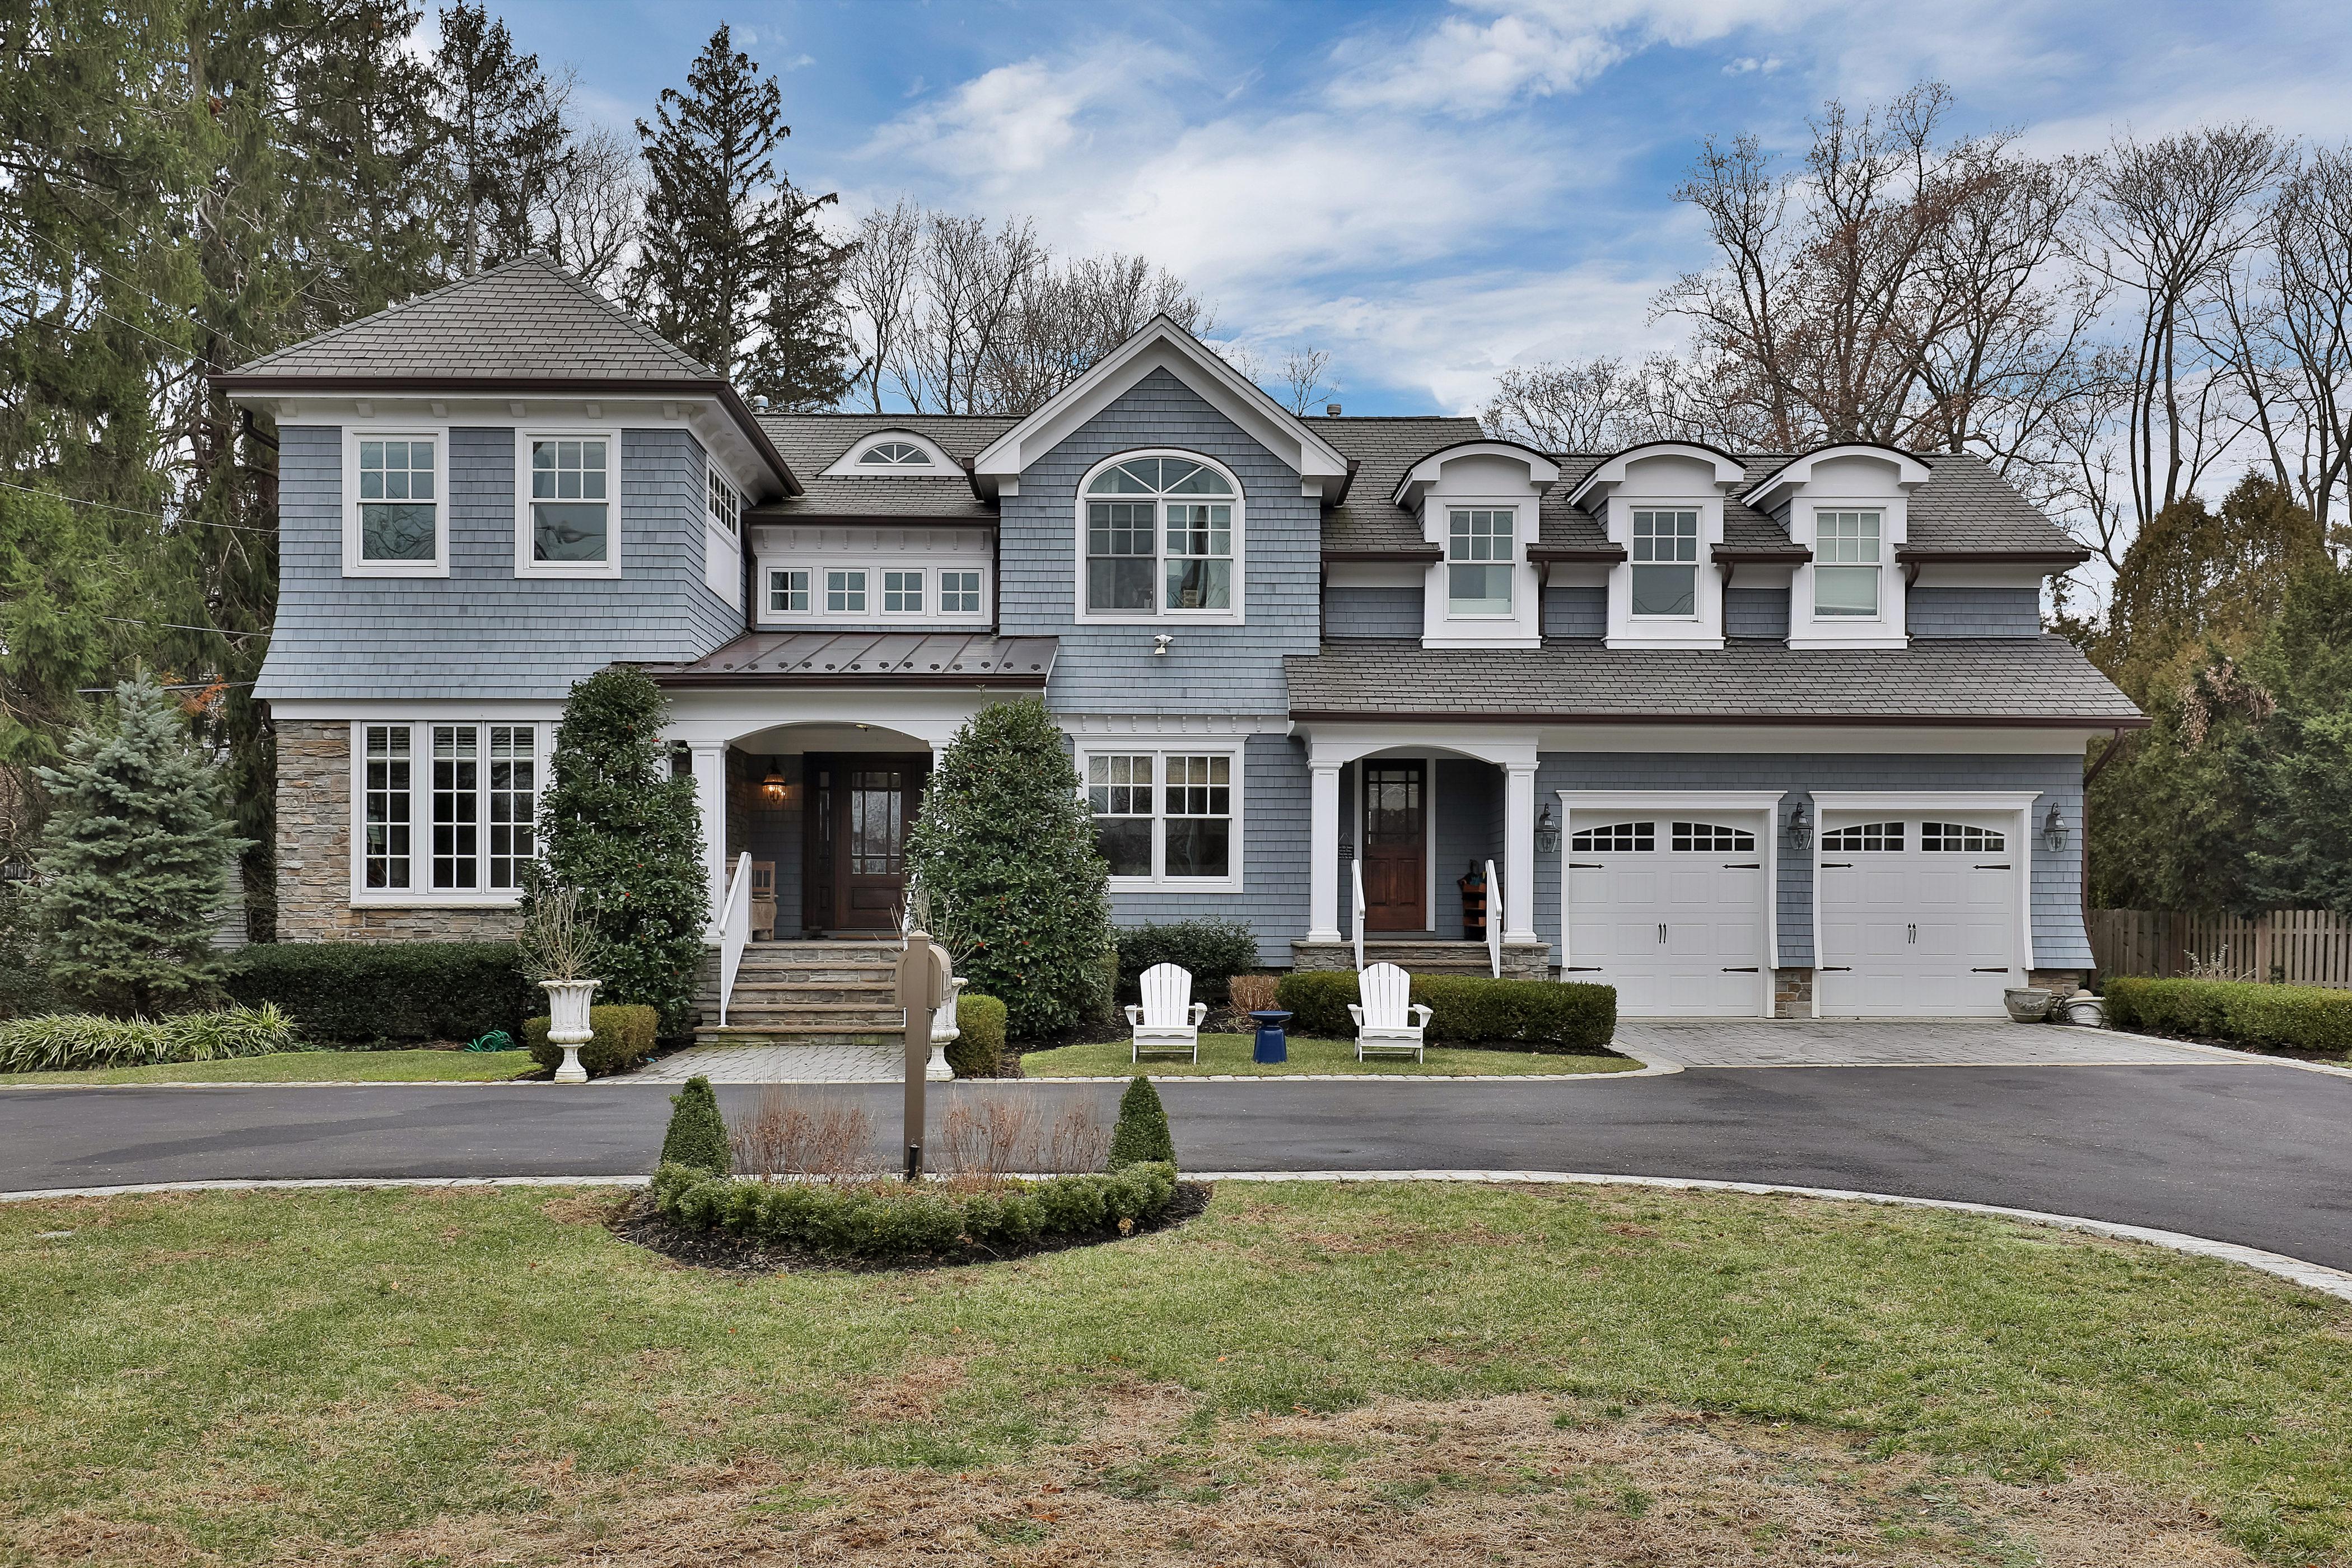 Casa Unifamiliar por un Venta en Instant Gratification 124 Avenue of Two Rivers Rumson, Nueva Jersey 07760 Estados Unidos